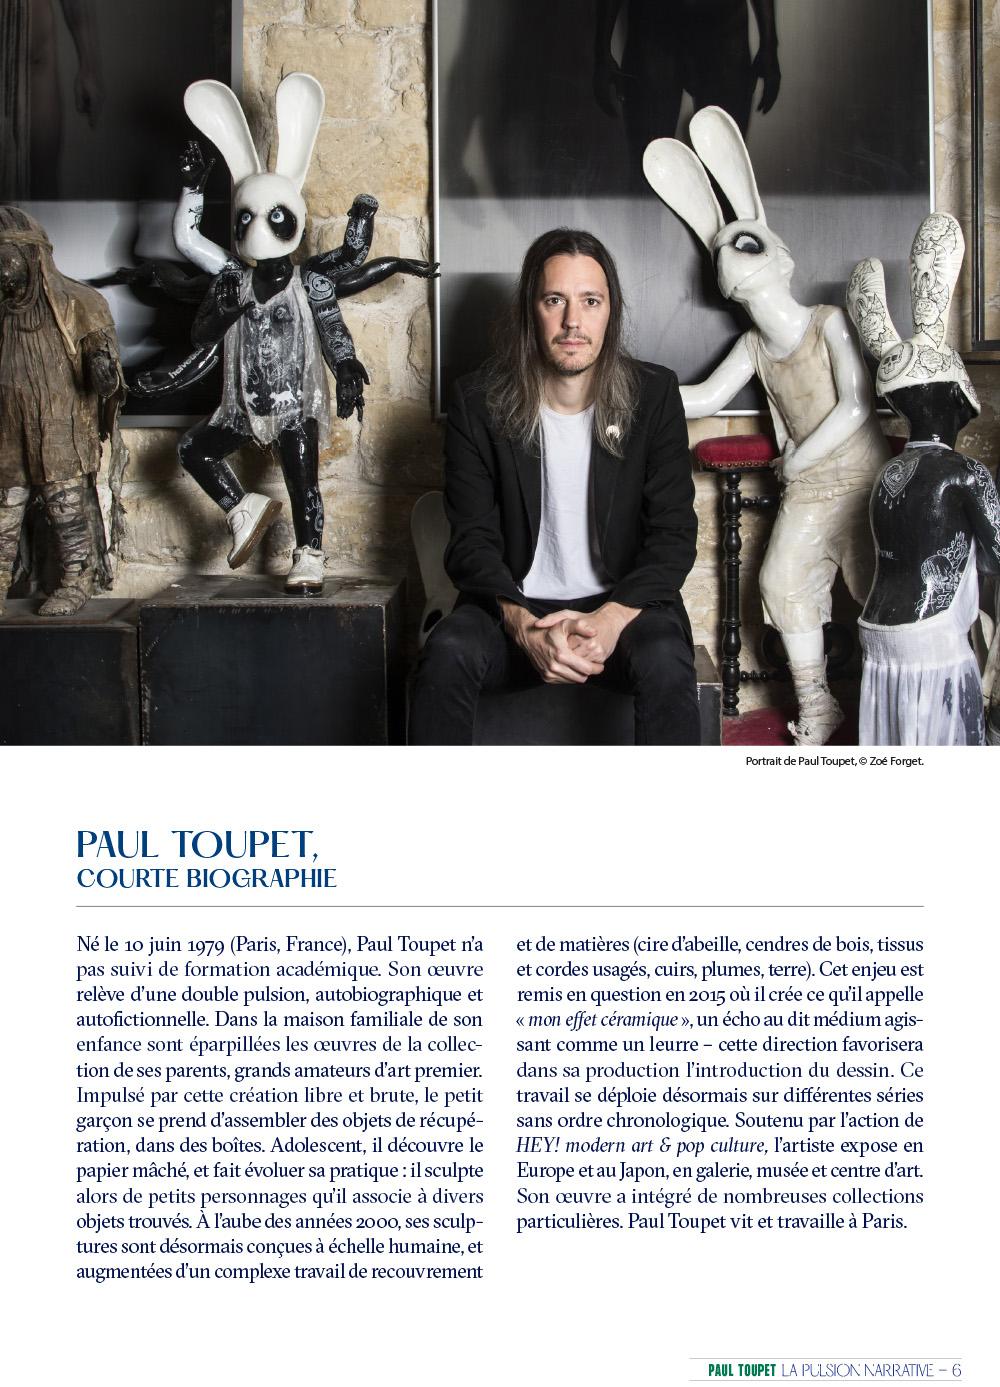 Paul Toupet